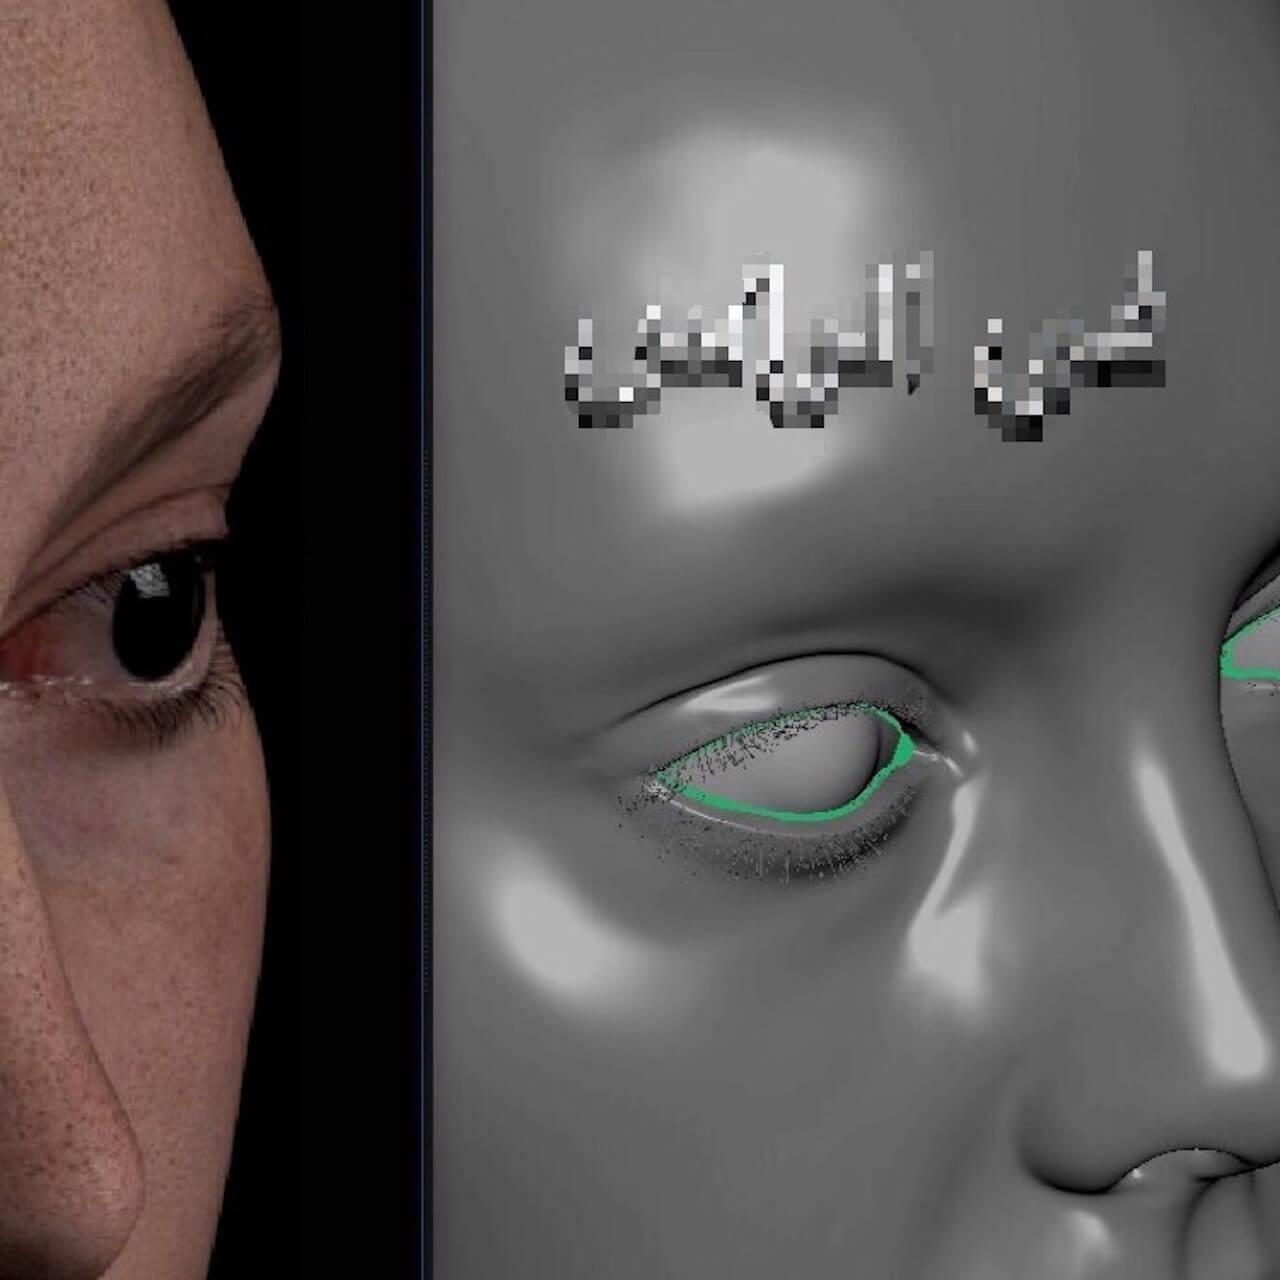 ネオパンクバンド ・Waater、第二章始動。最新シングル『What's In My Head』が6月6日にリリース決定 music200522_waater_01